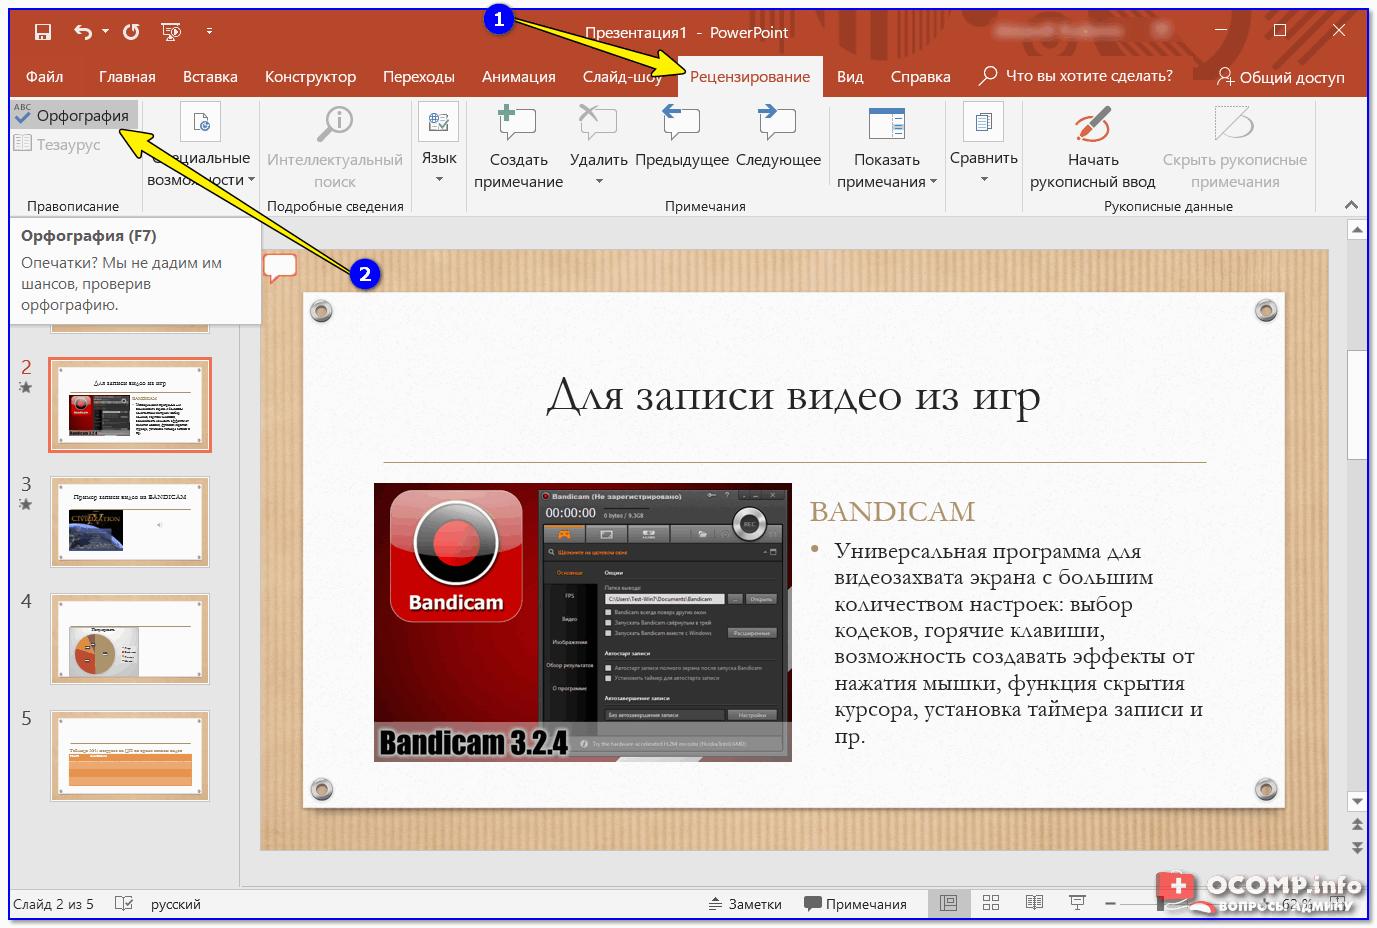 Как сделать презентацию в powerpoint - пошаговая инструкция   biznessystem.ru